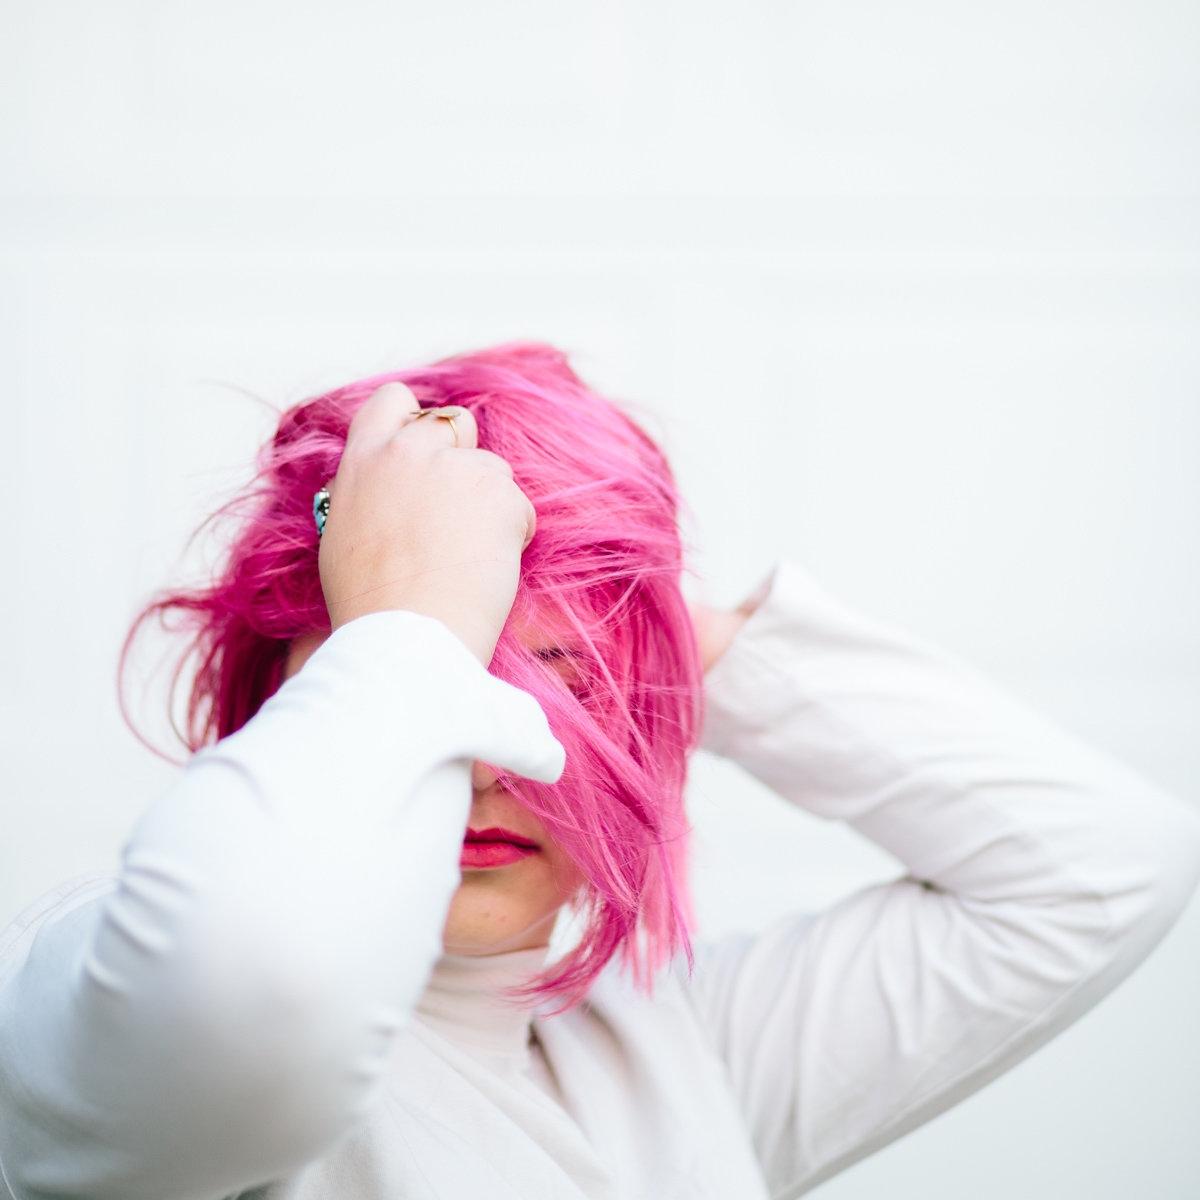 Emily-Pink-Hair-0060.jpg